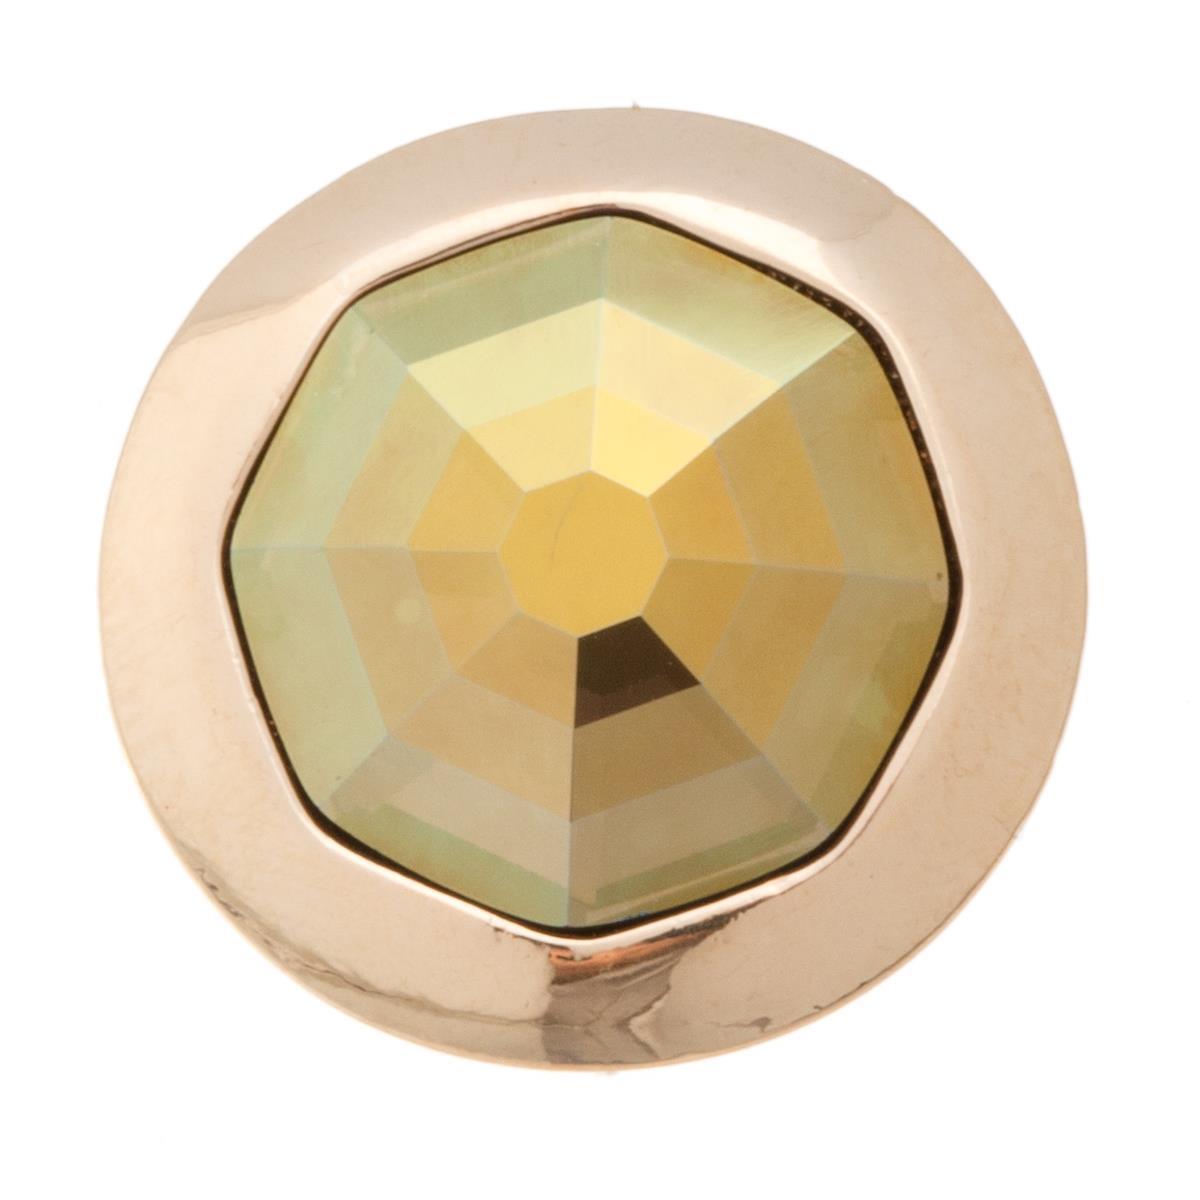 Накладка на кольцо-основу Jenavi Штраубе, цвет: золотой, зеленый. k191pr31k191pr31Накладка на кольцо-основу Jenavi Штраубе выполнена в виде диска из ювелирного сплава, в центре которого расположен восьмигранный кристалл Swarovski. Изделие оснащено штифтом с резьбой, при помощи которого накладка фиксируется на кольце-основе. Накладка на кольцо-основу Jenavi позволит экспериментировать и дополнять ваш образ каждый день.